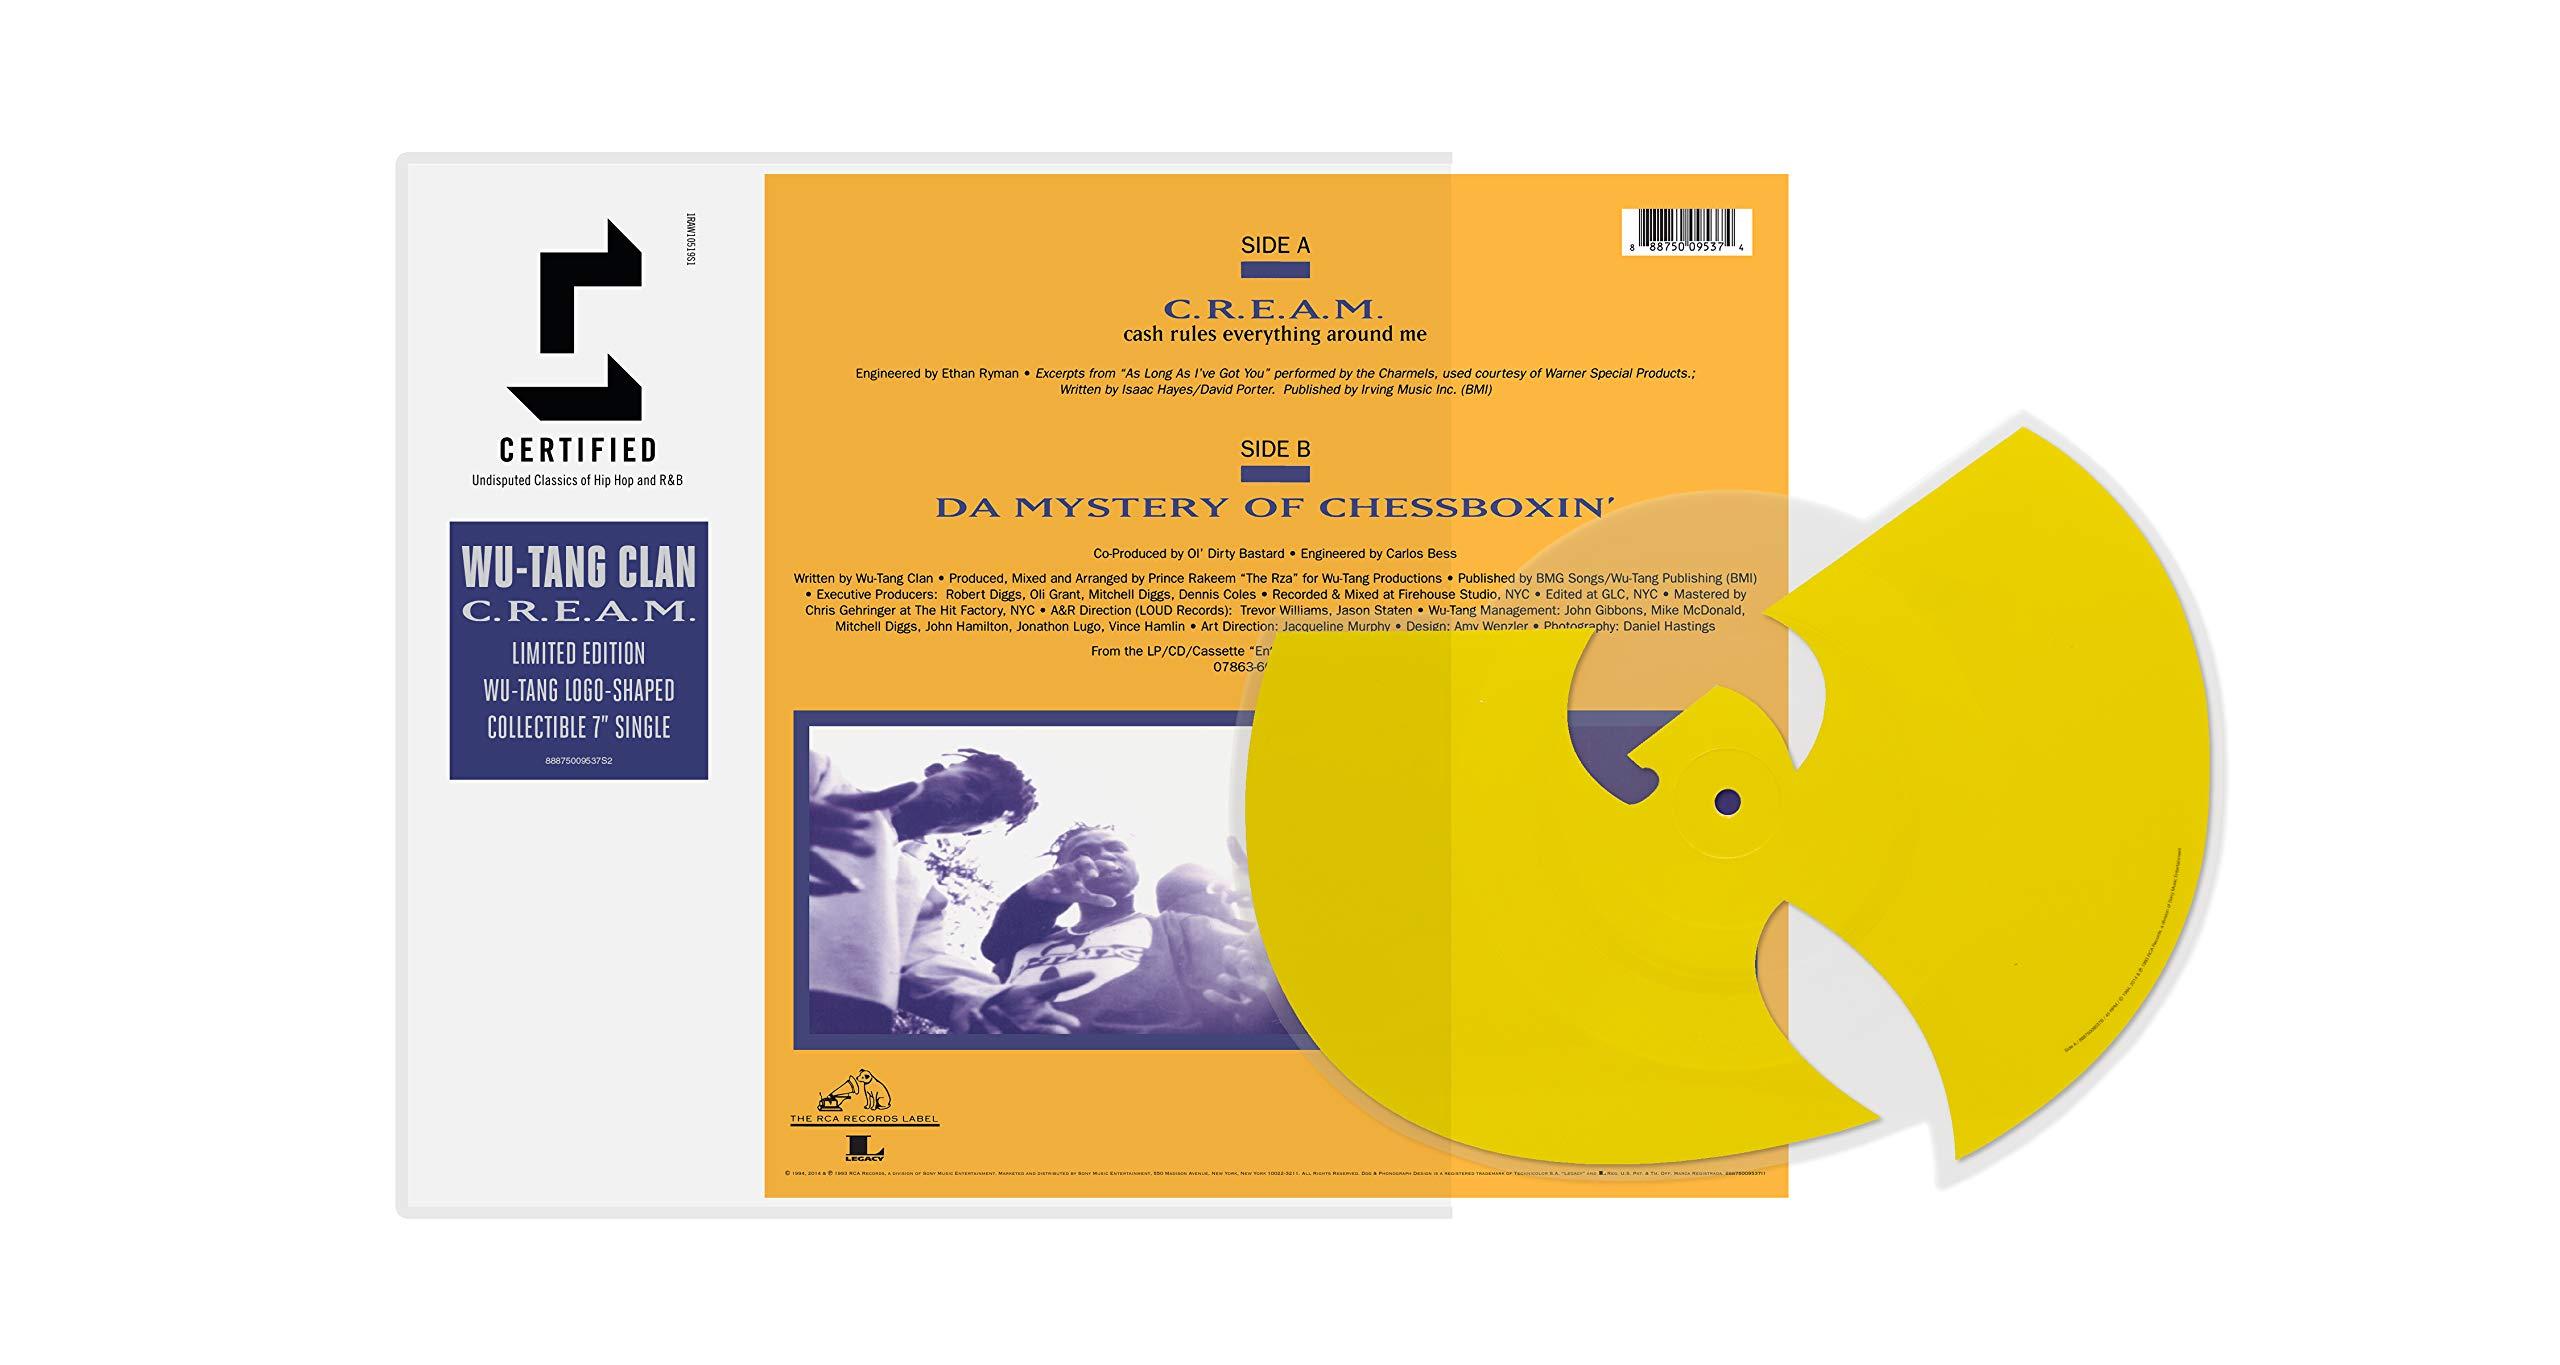 Vinilo : Wu-Tang Clan - C.r.e.a.m. /  Da Mystery Of Chessboxin (7 Inch Single)